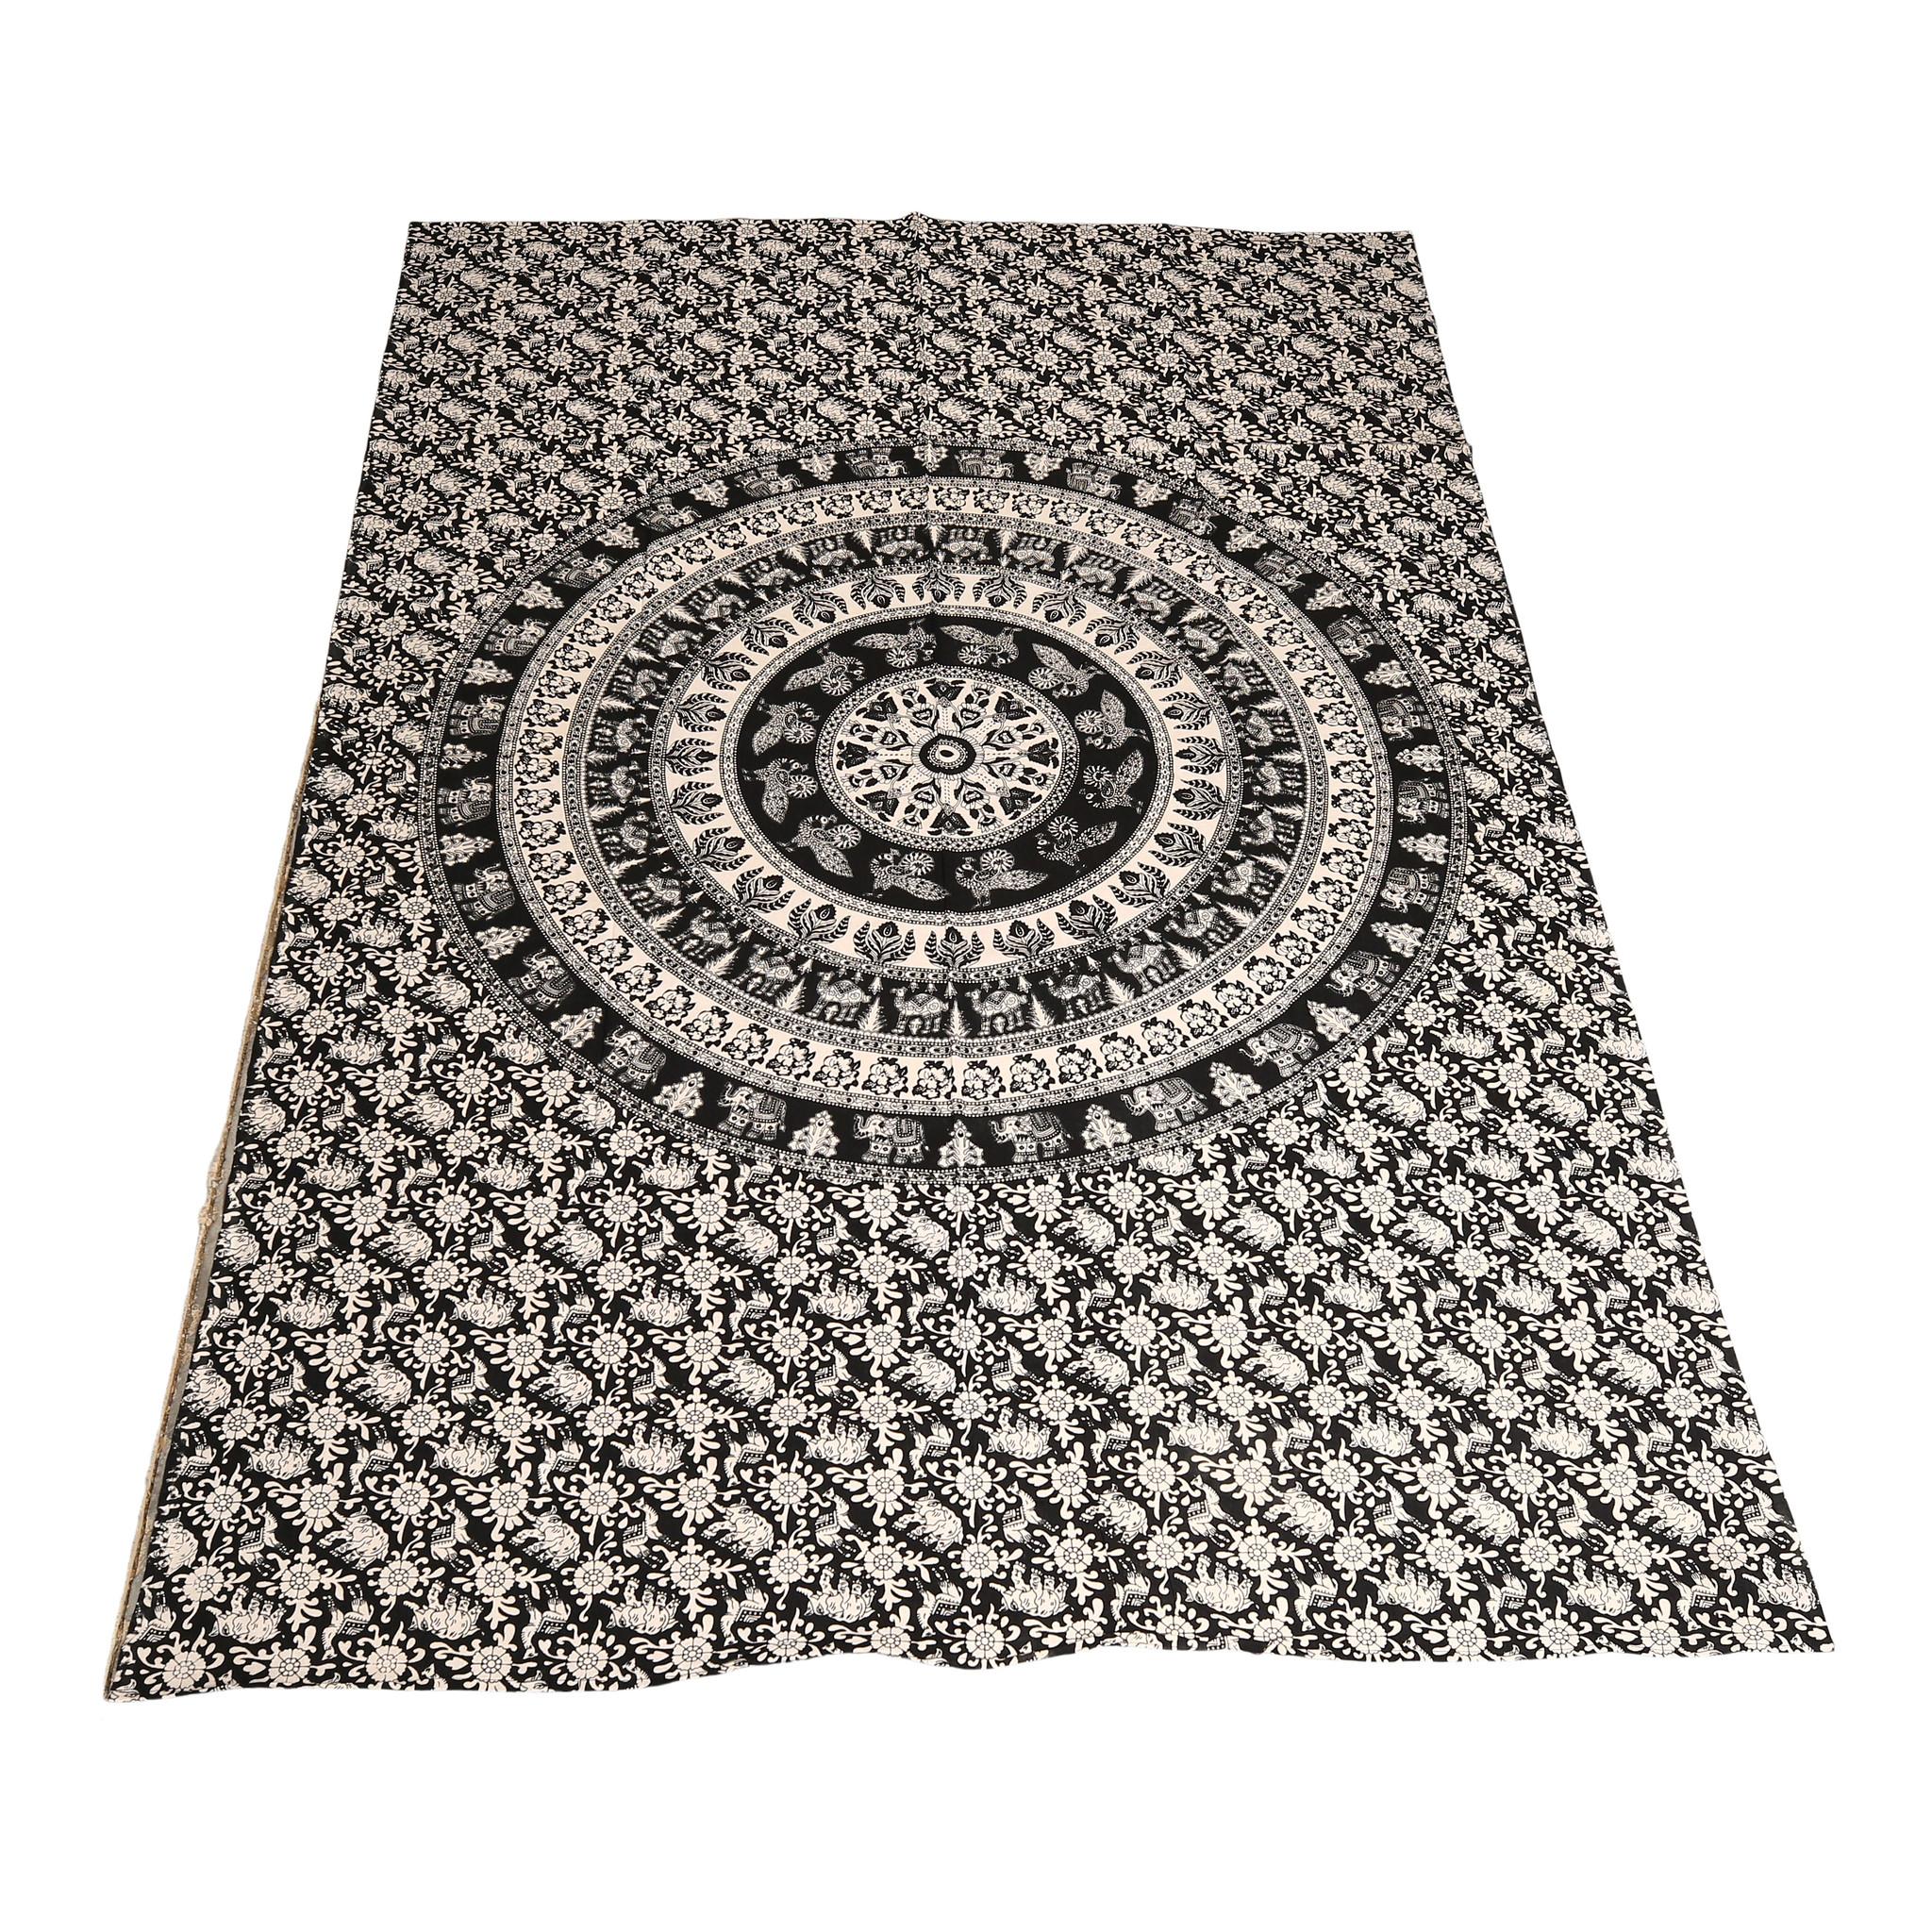 Myroundie Myroundie – roundie  - rechthoekig strandlaken – strandkleed - yoga kleed - picknickkleed - speelkleed - muurkleed - 100% katoen  - 140 x 210 cm - 823